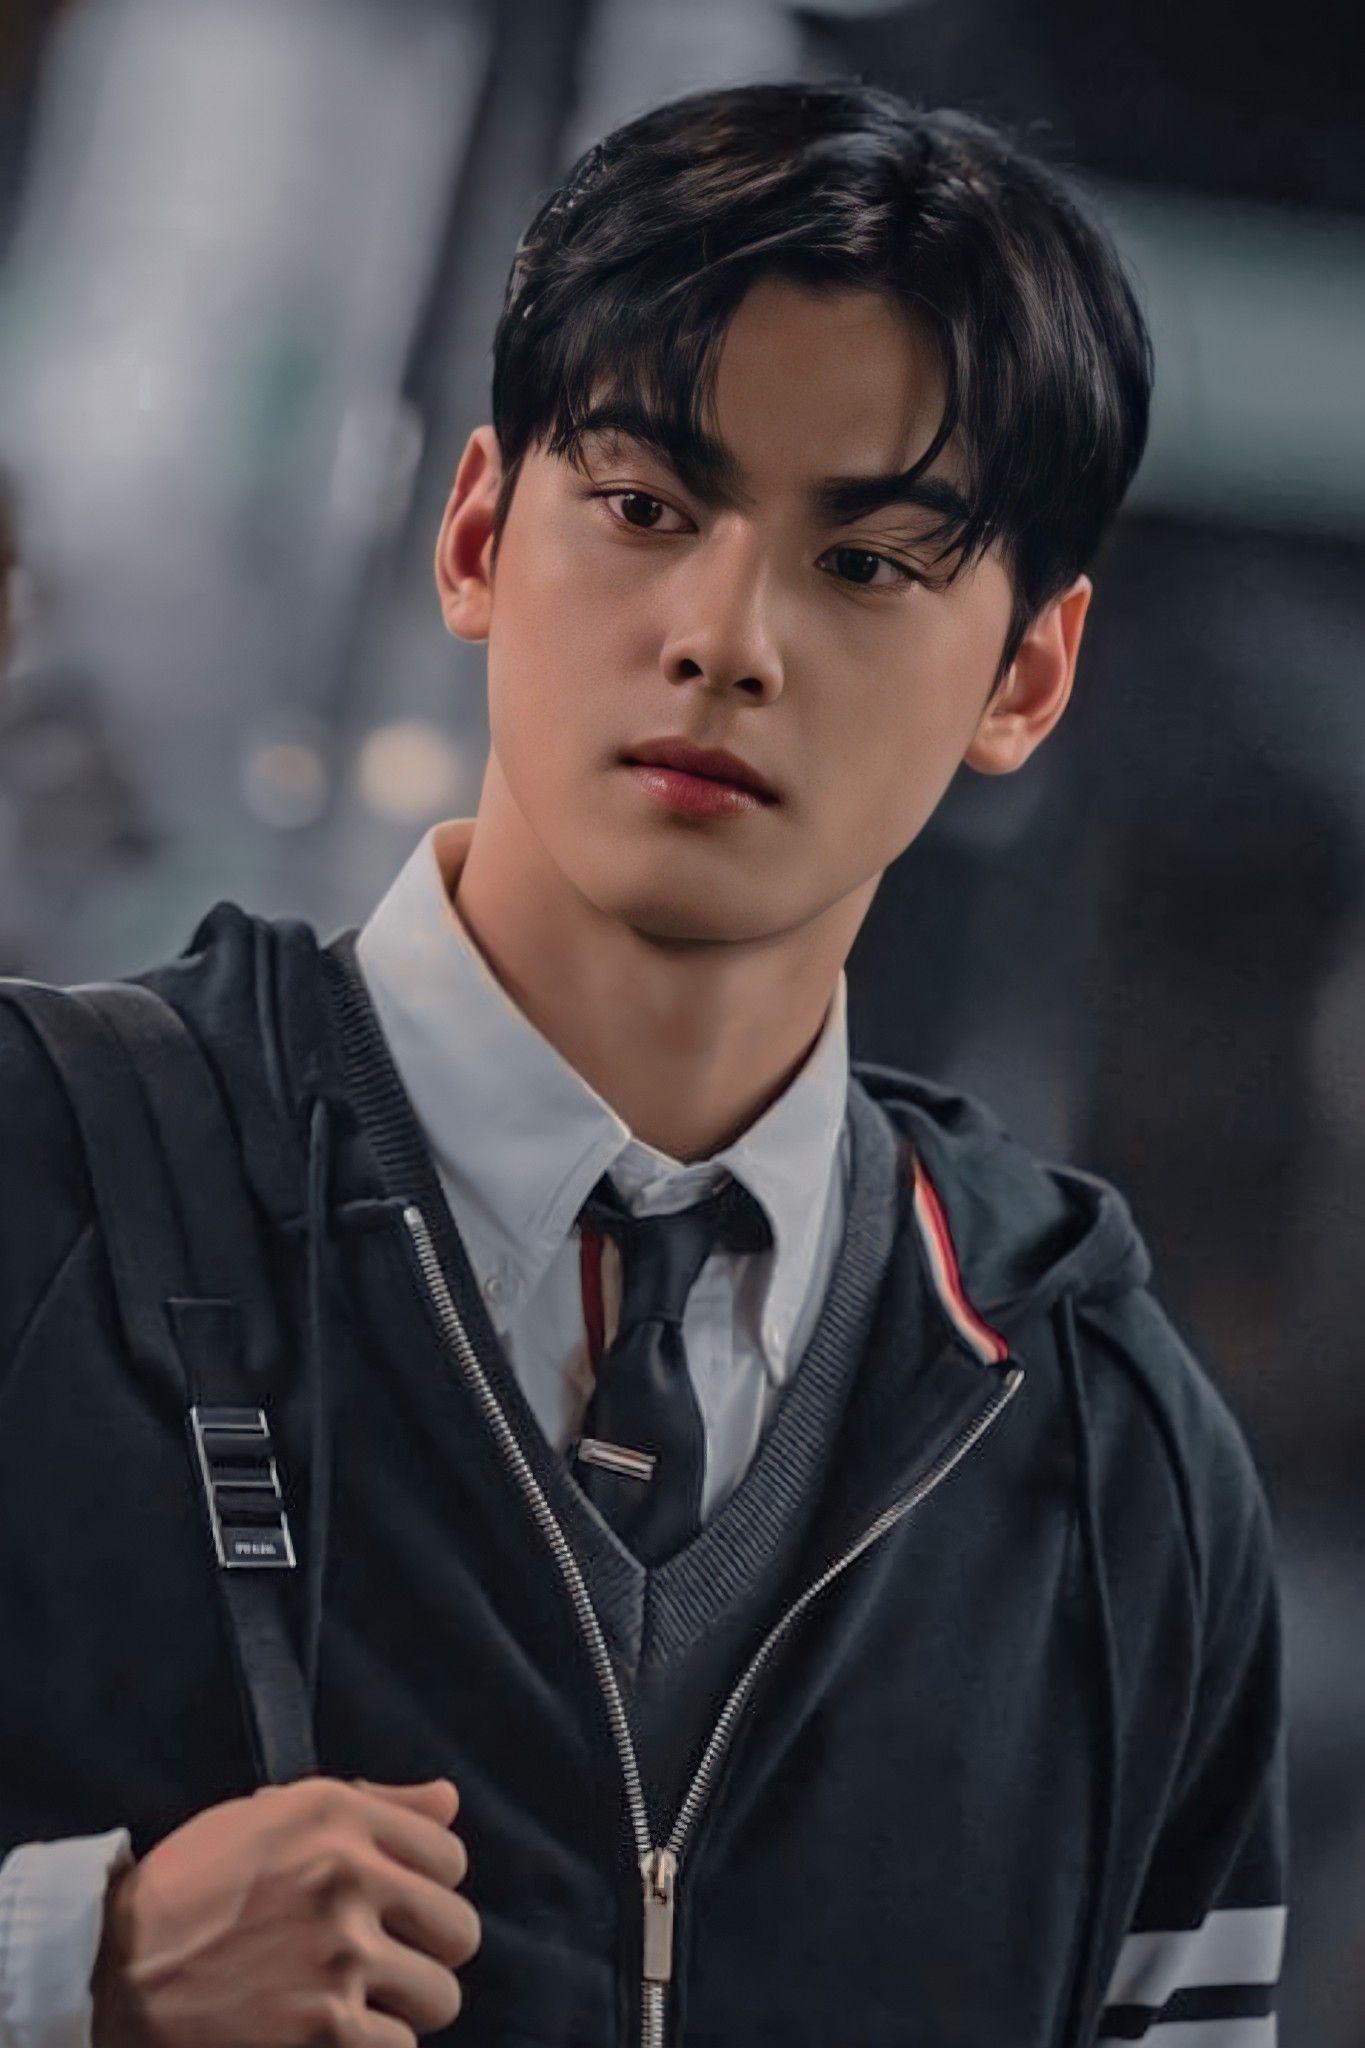 17 Cha uen woo ý tưởng trong 2021 | diễn viên, trai đẹp, chồng